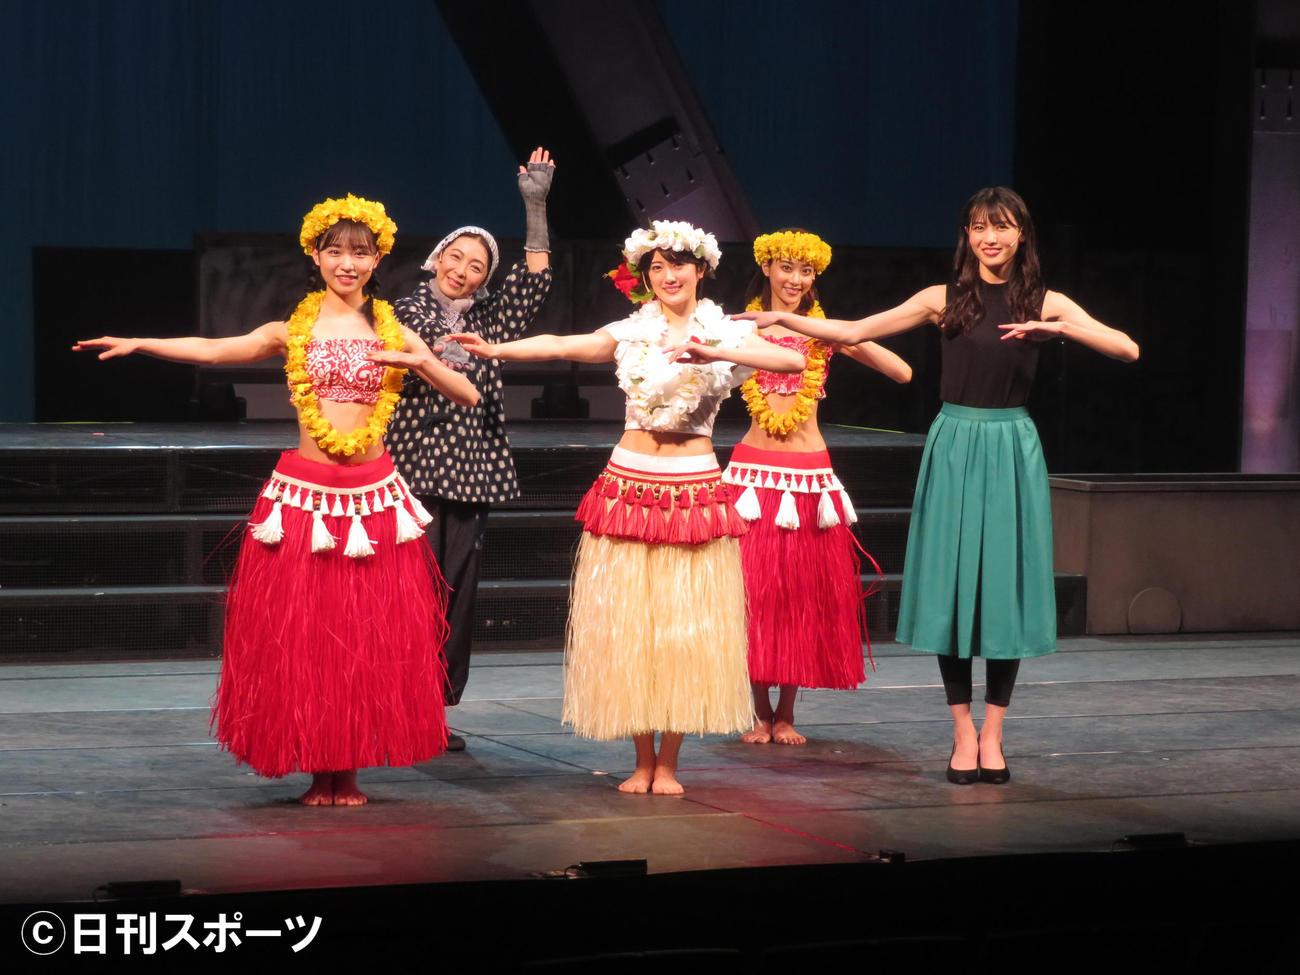 主演舞台「フラガール -dance for smile-」キャスト。前列左から山内瑞葵、樋口日奈、矢島舞美。後列左から有森也実、安田愛里(撮影・横山慧)